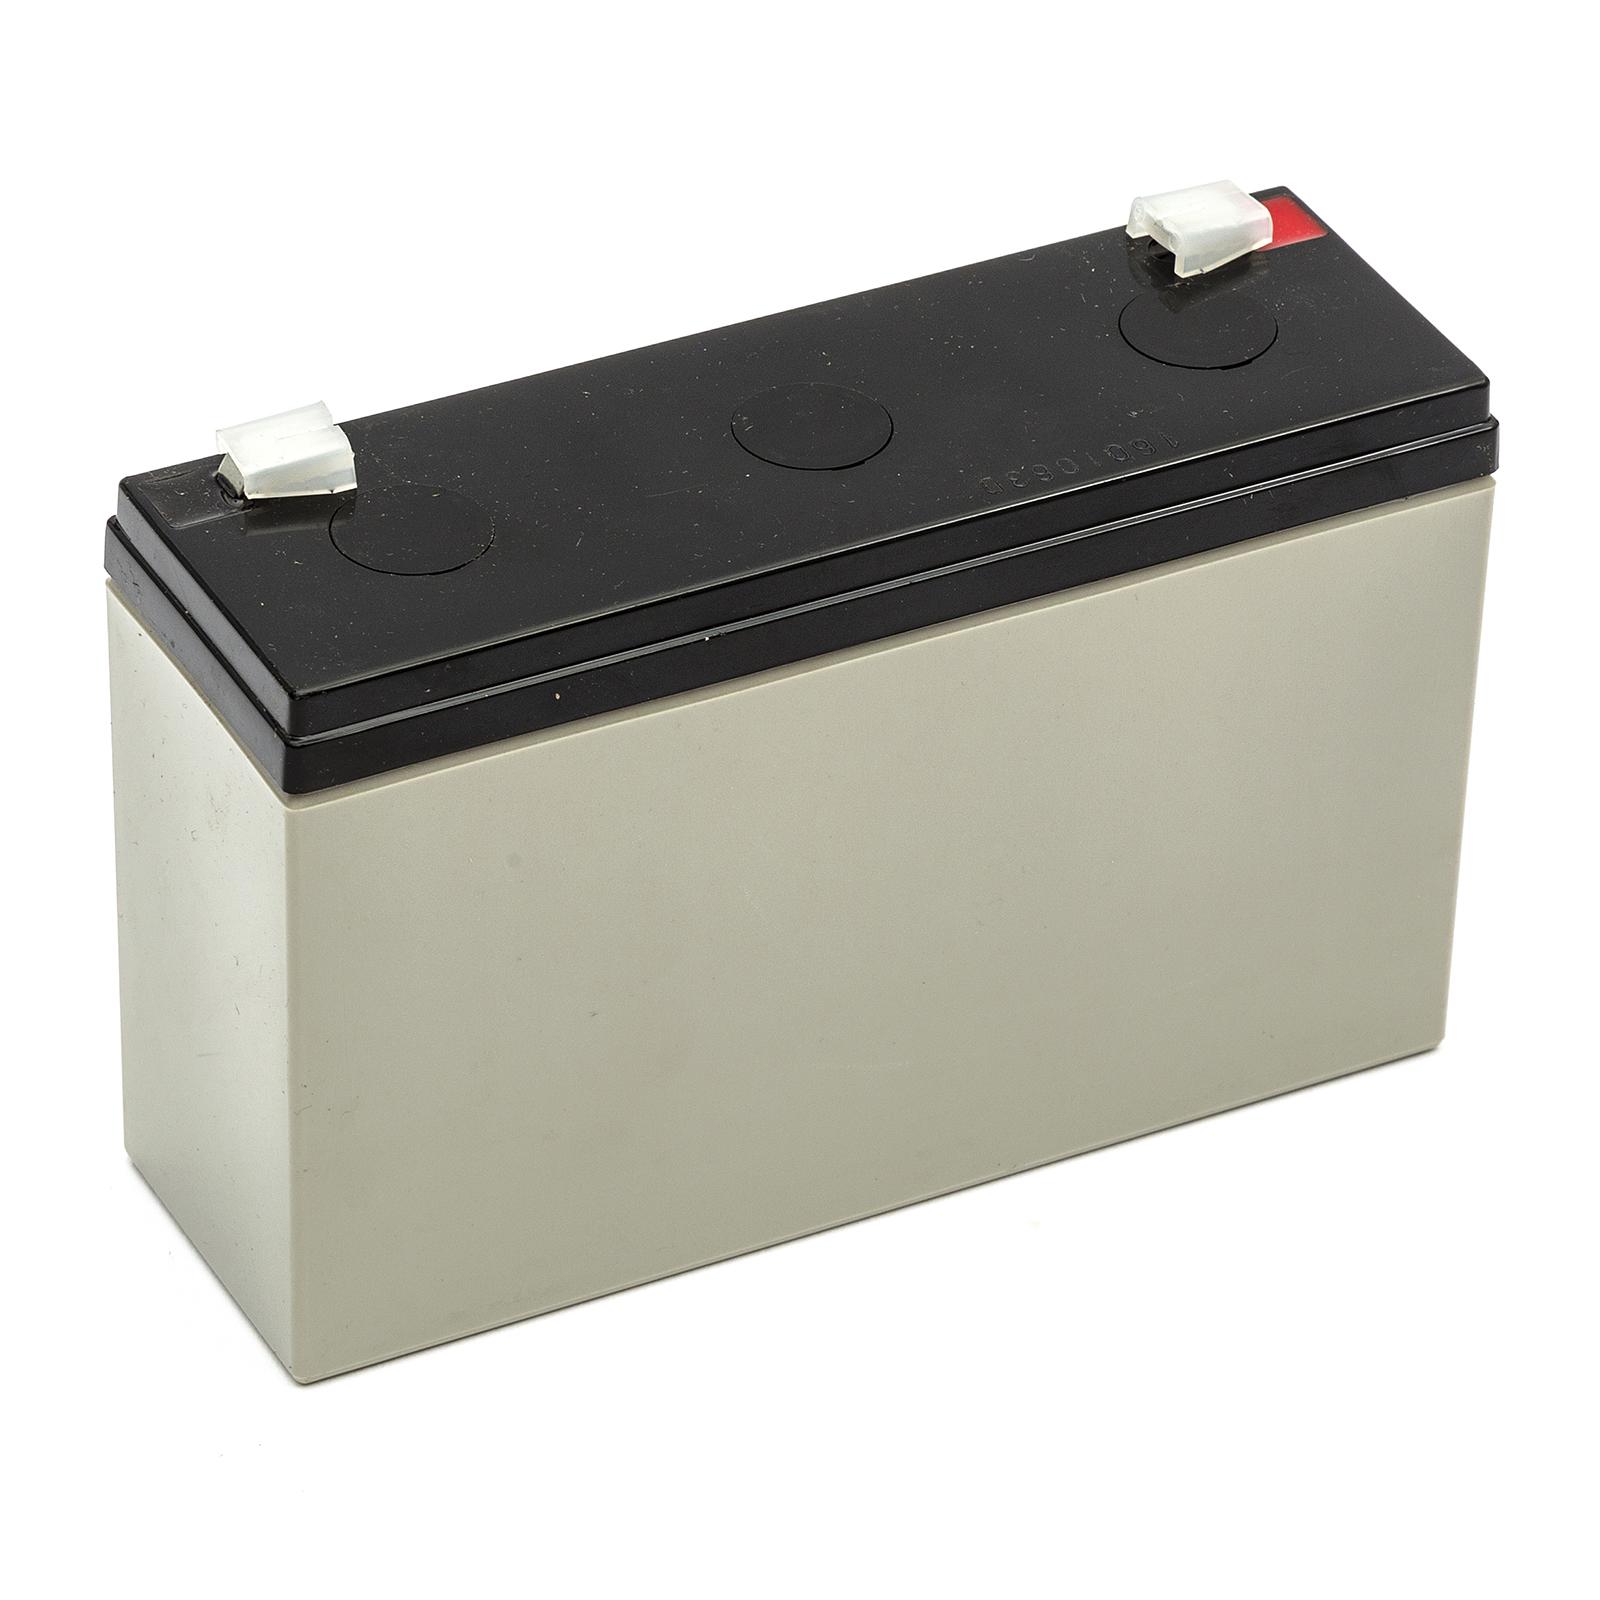 y12 6 np12 6 6v 6 volt 12ah battery mobility scooter lawnmower standby alarm 5055583052415 ebay. Black Bedroom Furniture Sets. Home Design Ideas